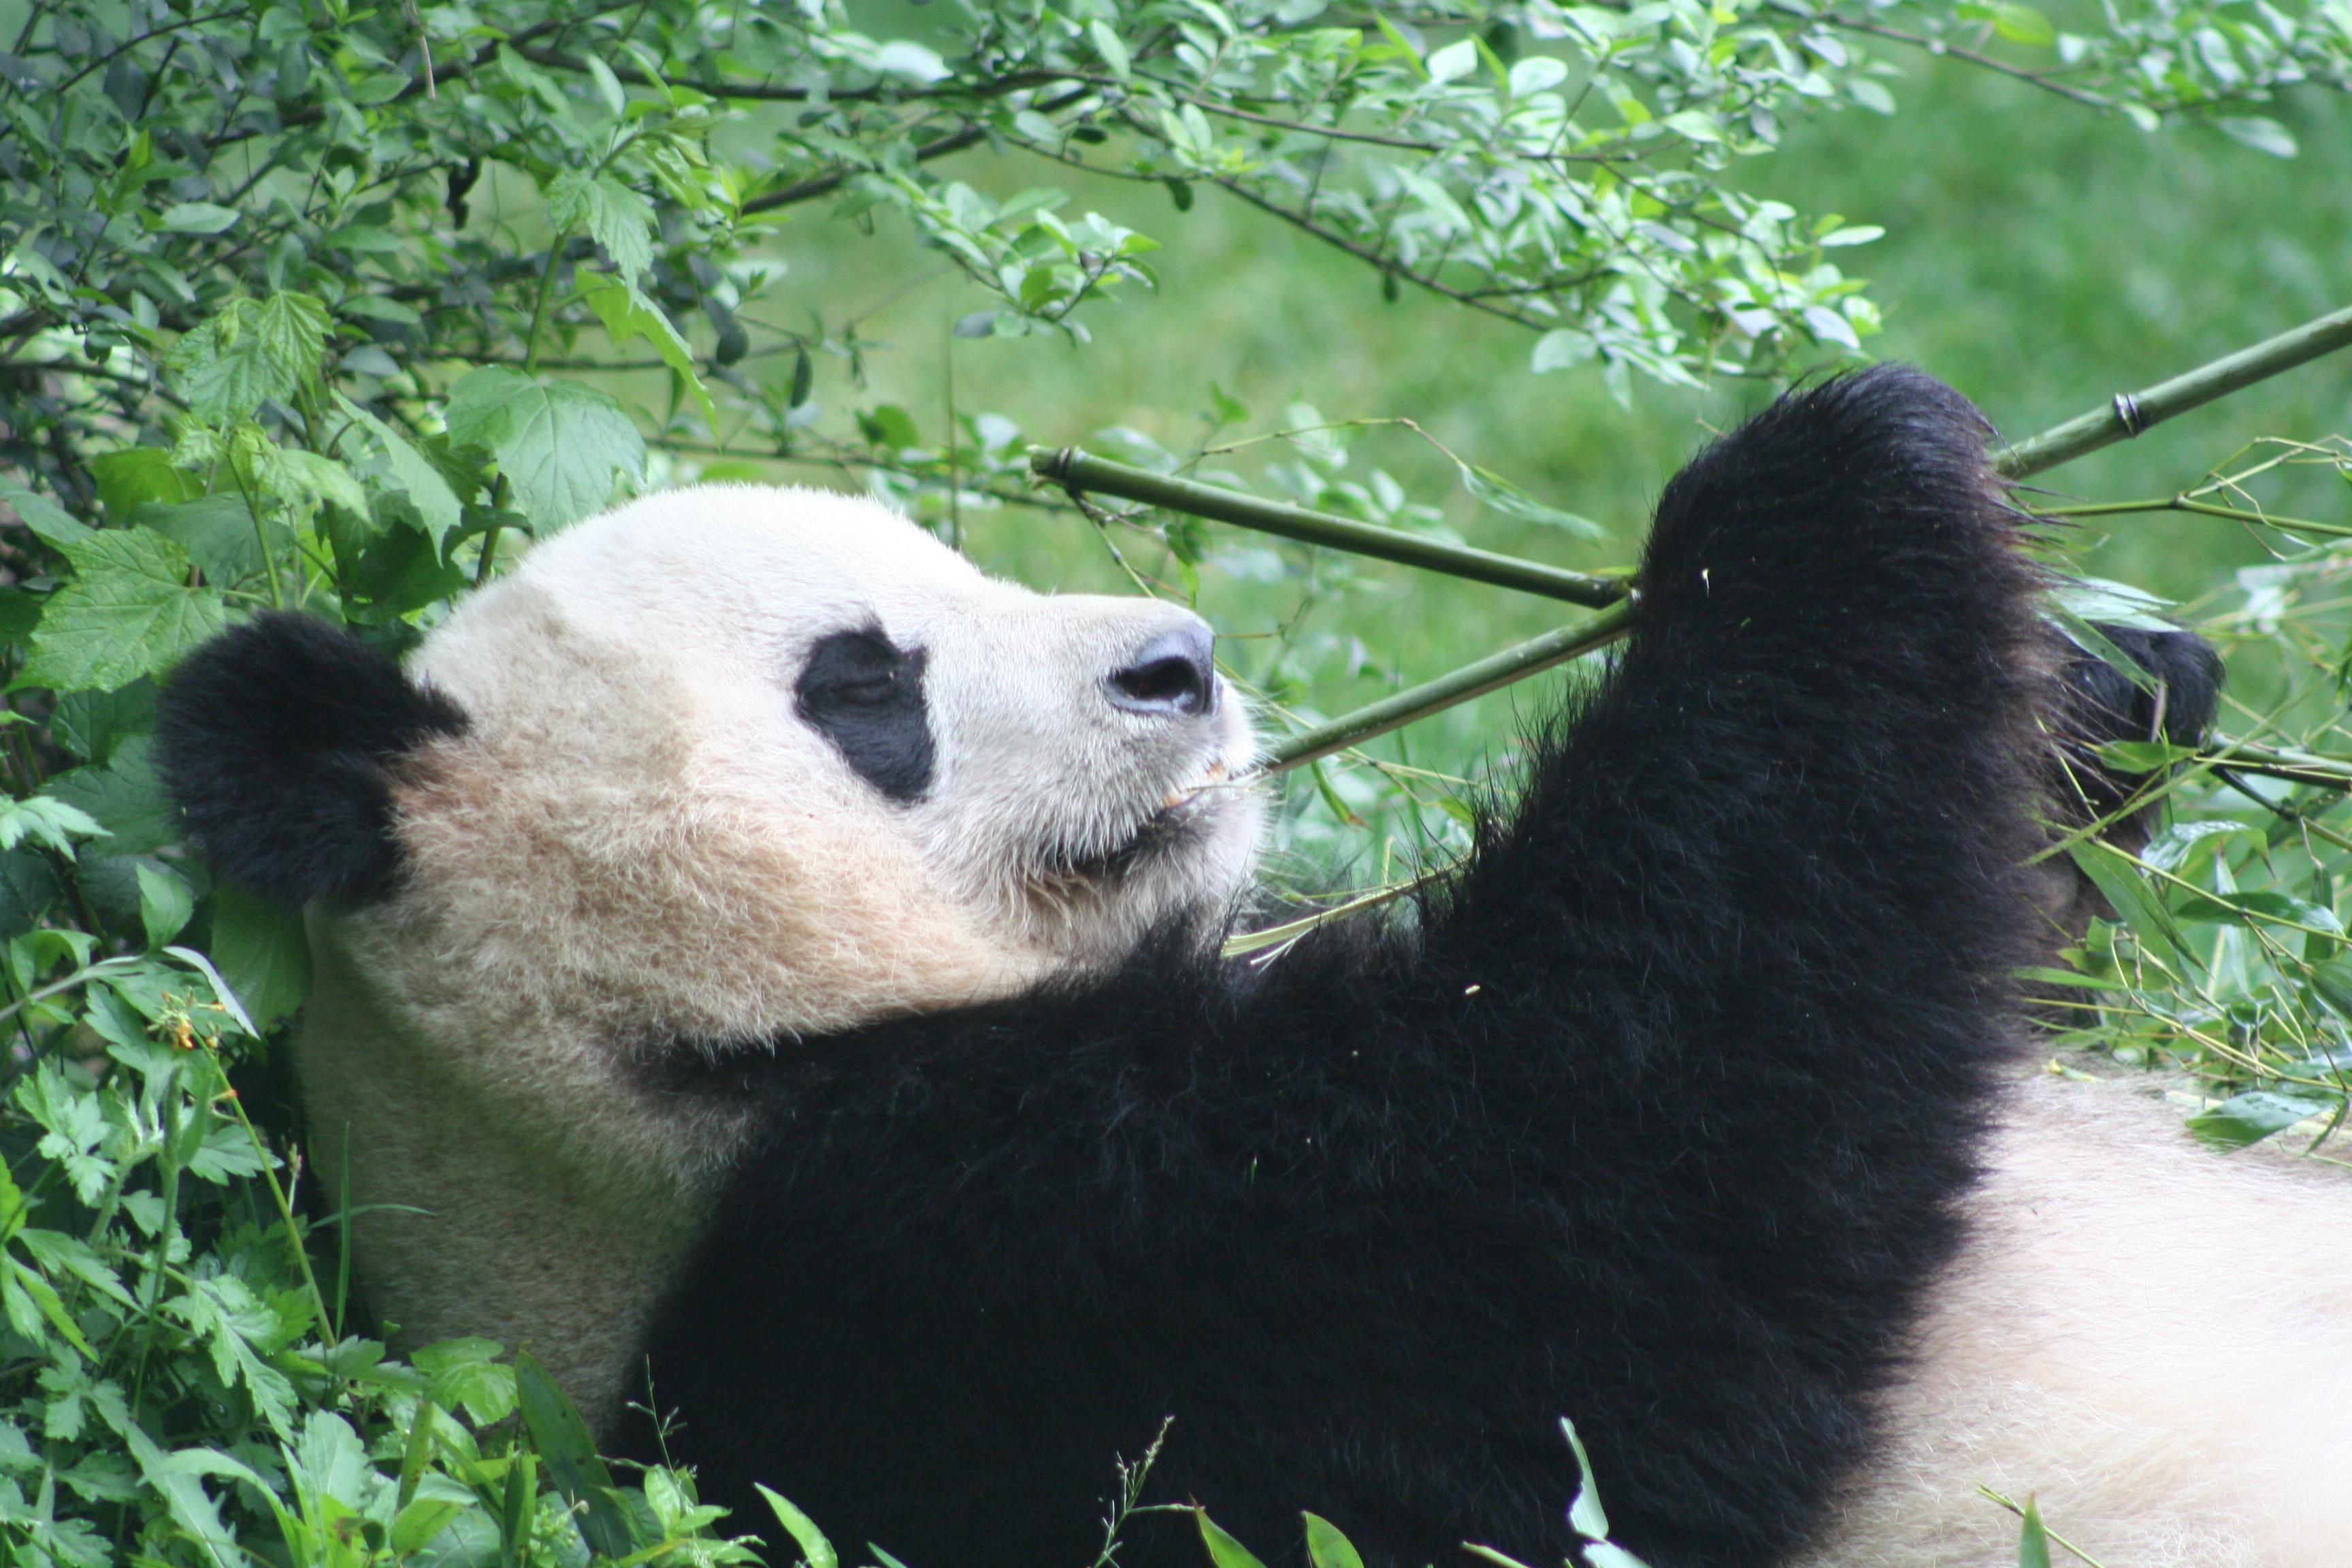 Pusat Penangkaran Panda Di Chengdu Harjo